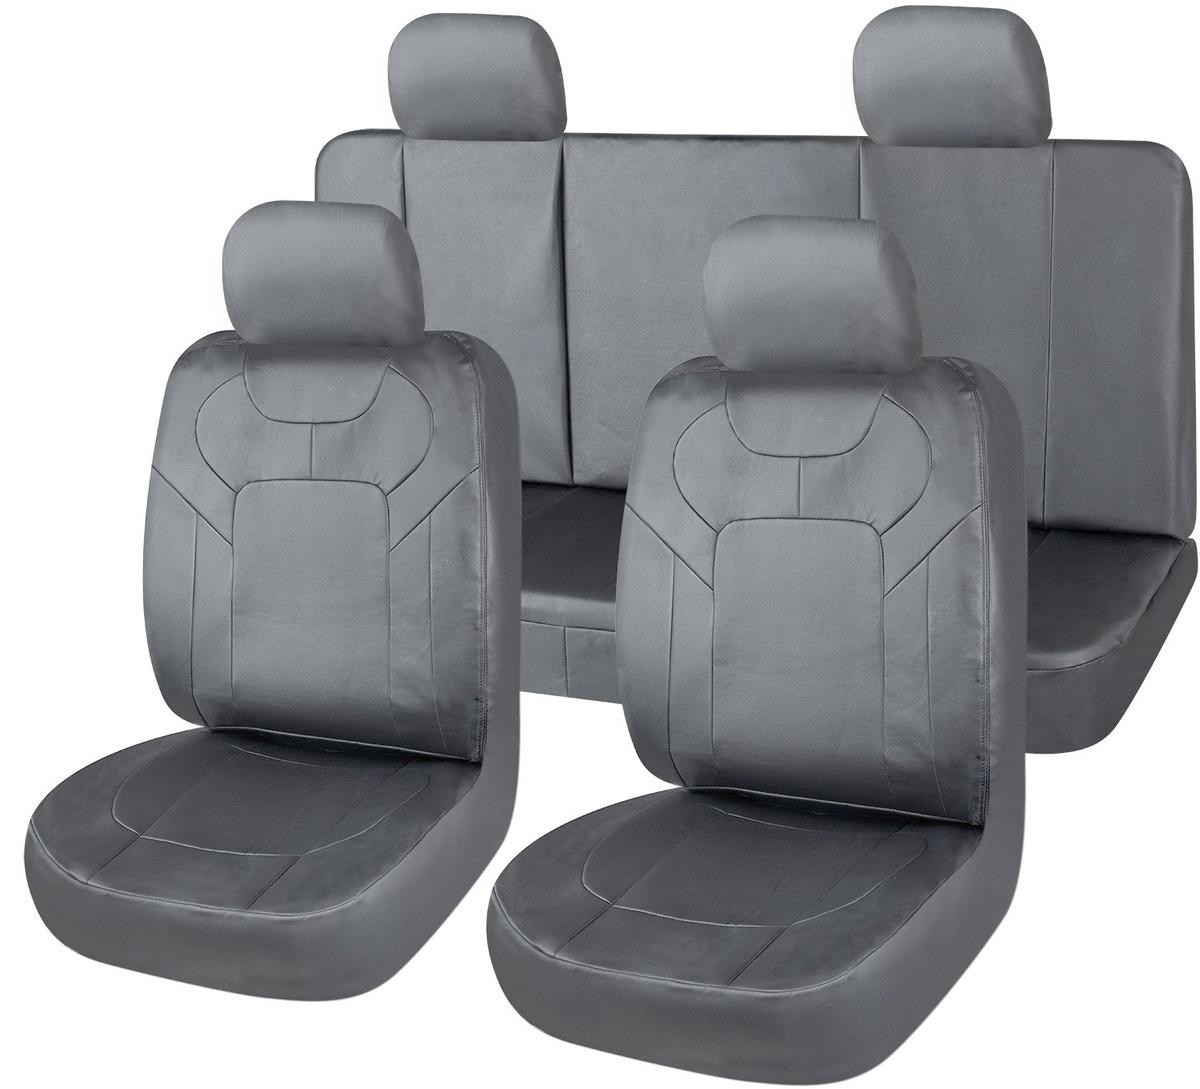 cce2fddc50b funda cubre asiento cuerina auto universal completa gris. Cargando zoom.